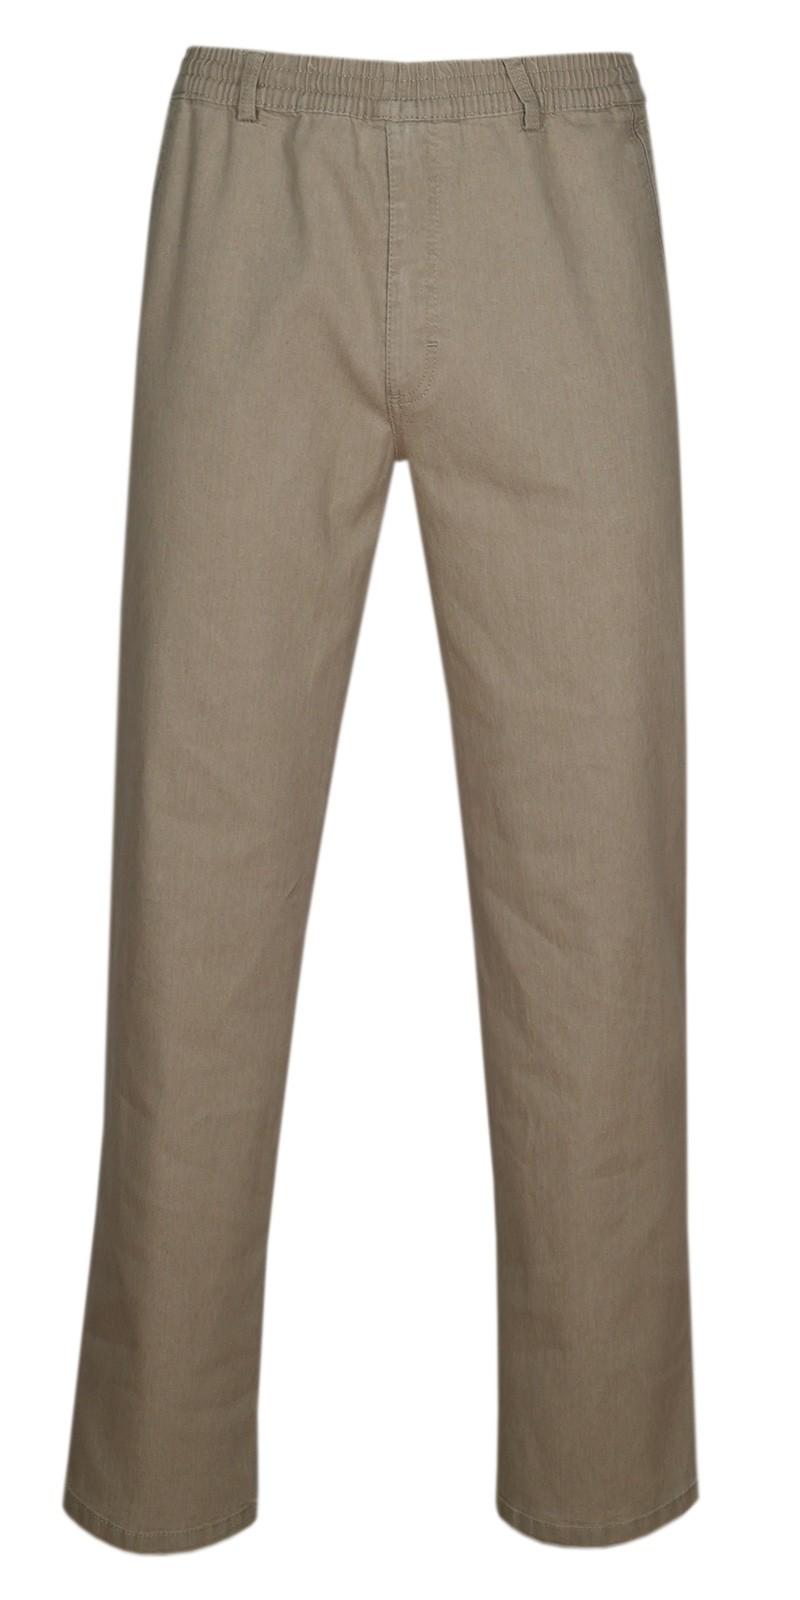 Herren Jeans Stretch Schlupfhose Schlupfjeans ohne Cargo-Taschen beige